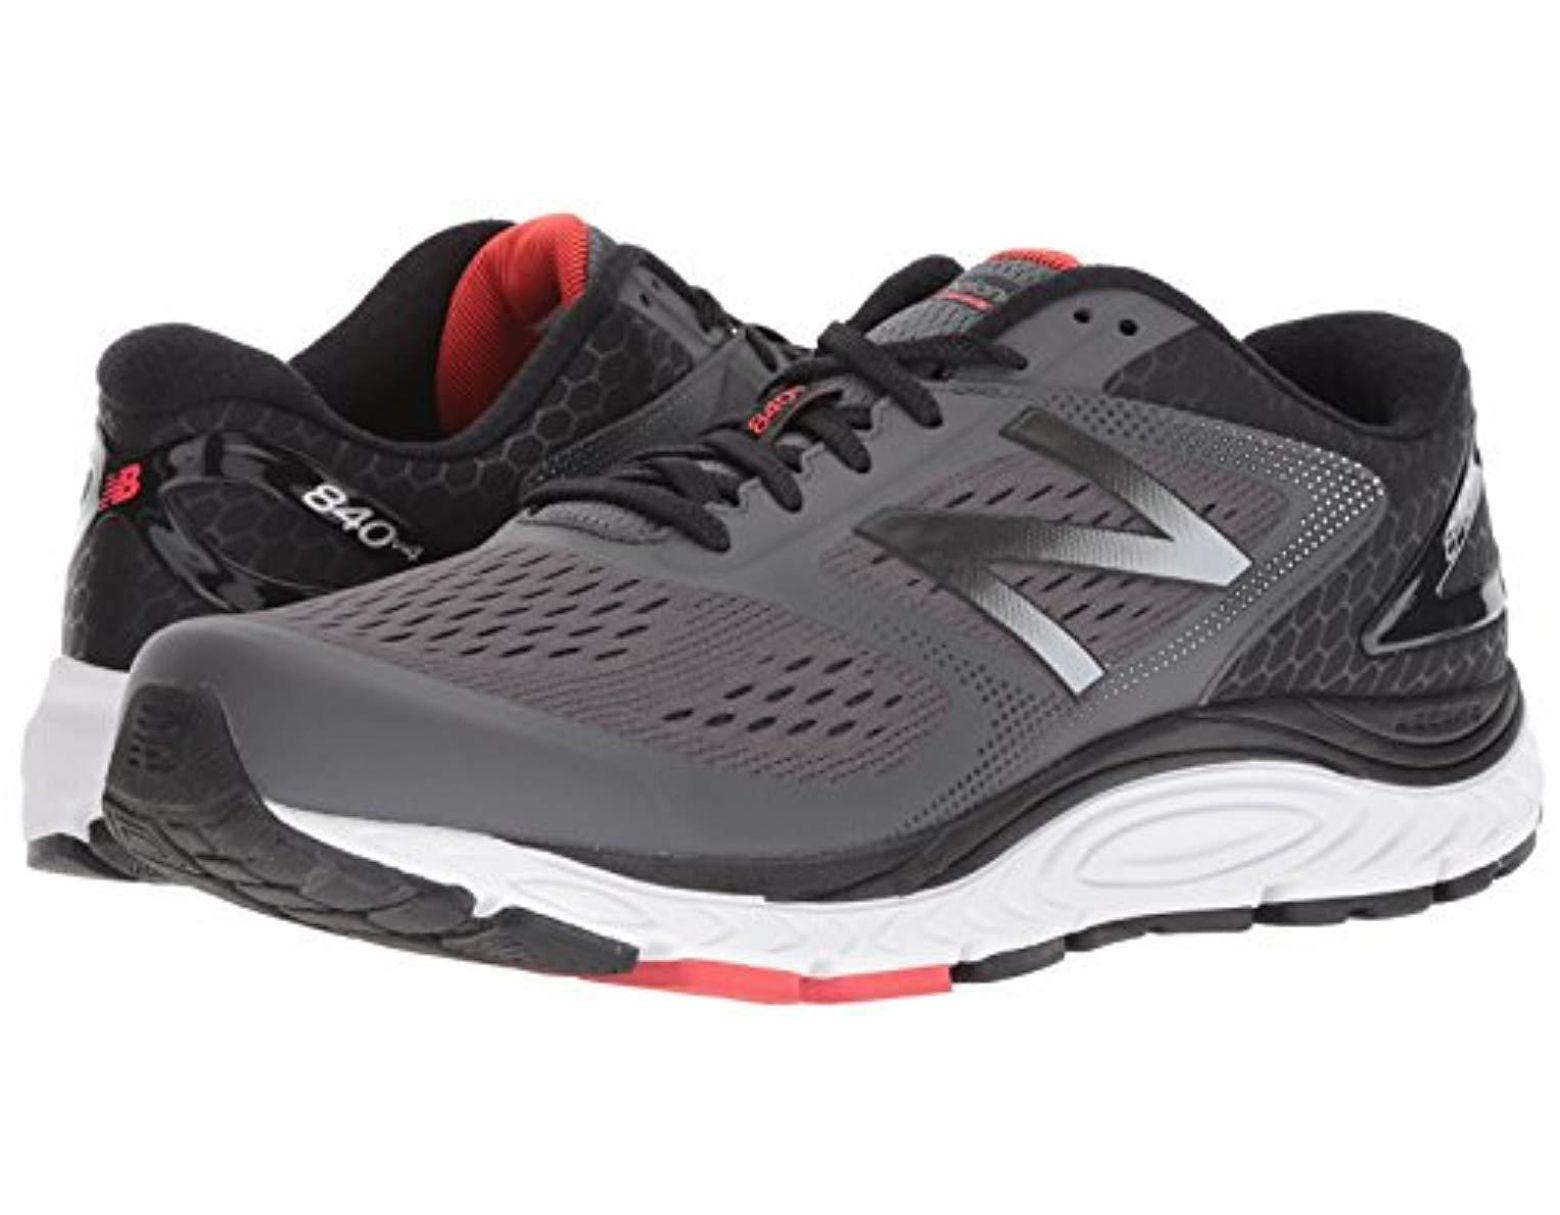 4818cd69016c9 Men's Gray 840v4 Running Shoe